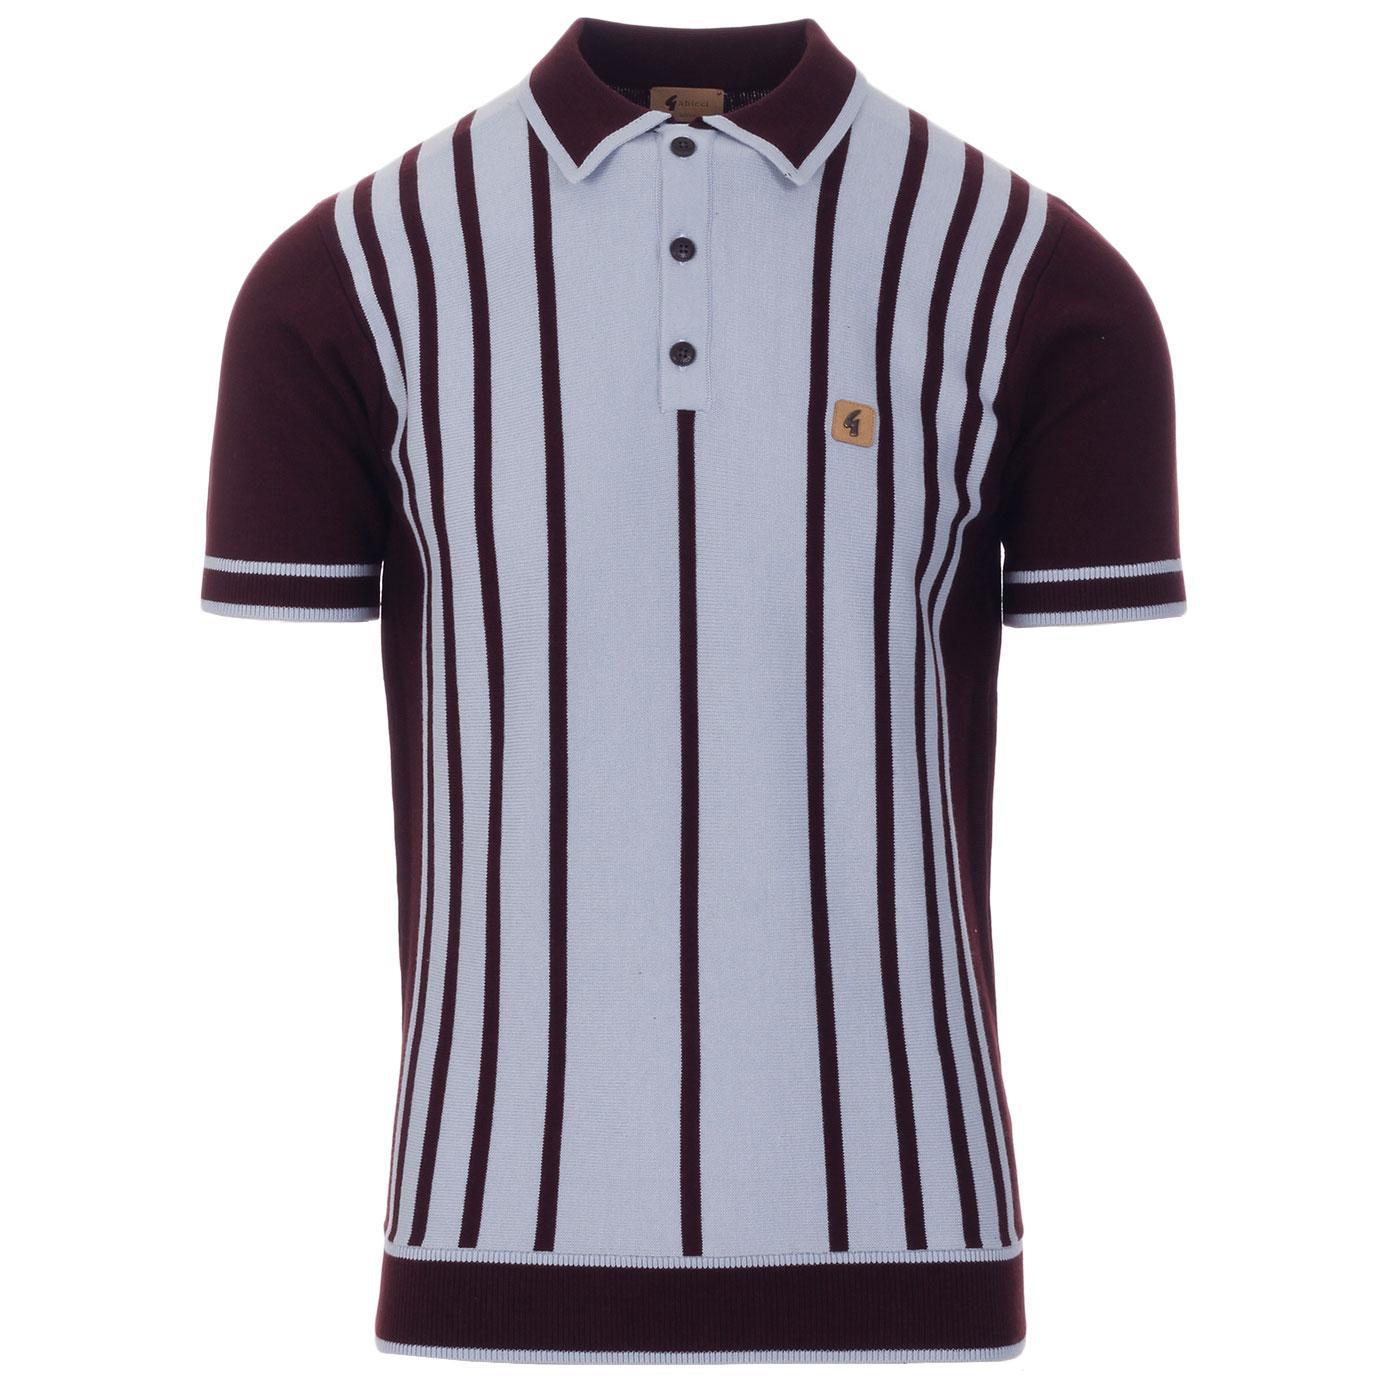 Peck GABICCI VINTAGE 60s Mod Stripe Knit Polo (O)